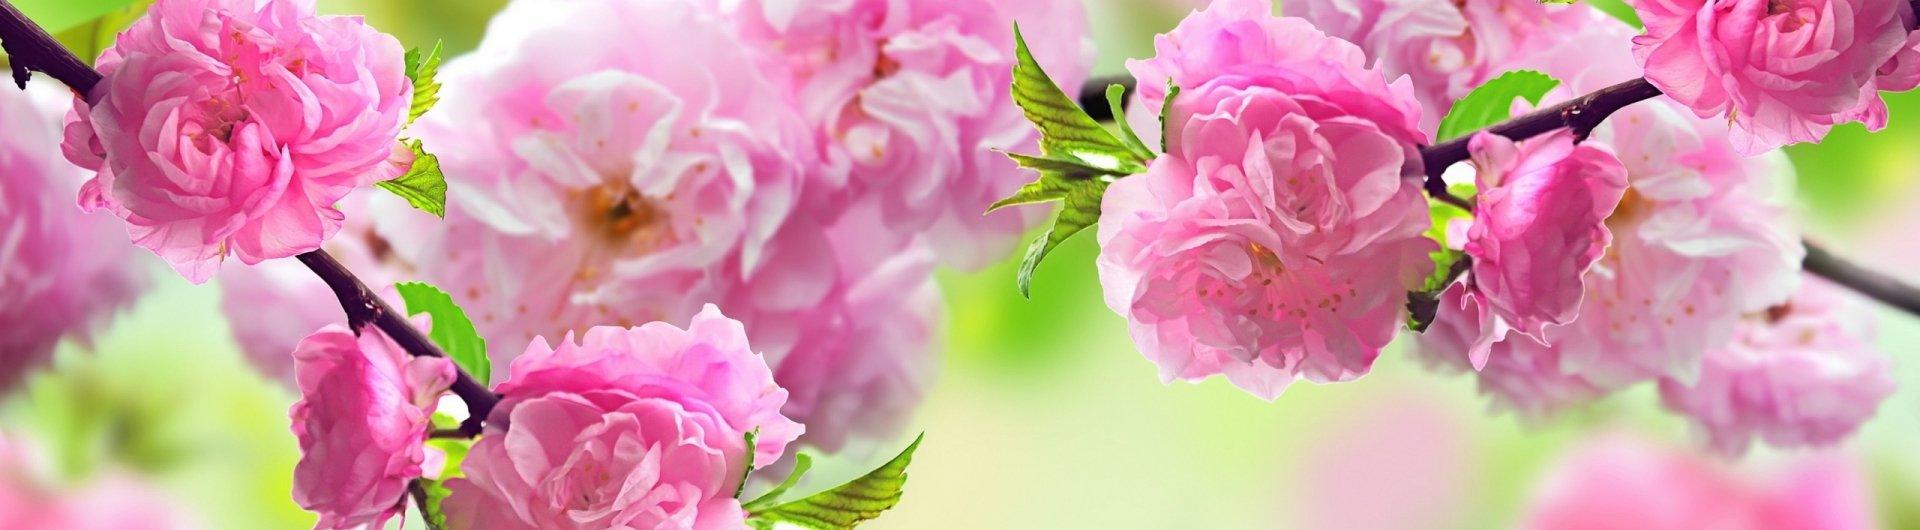 Tavaszváró hétköznapok